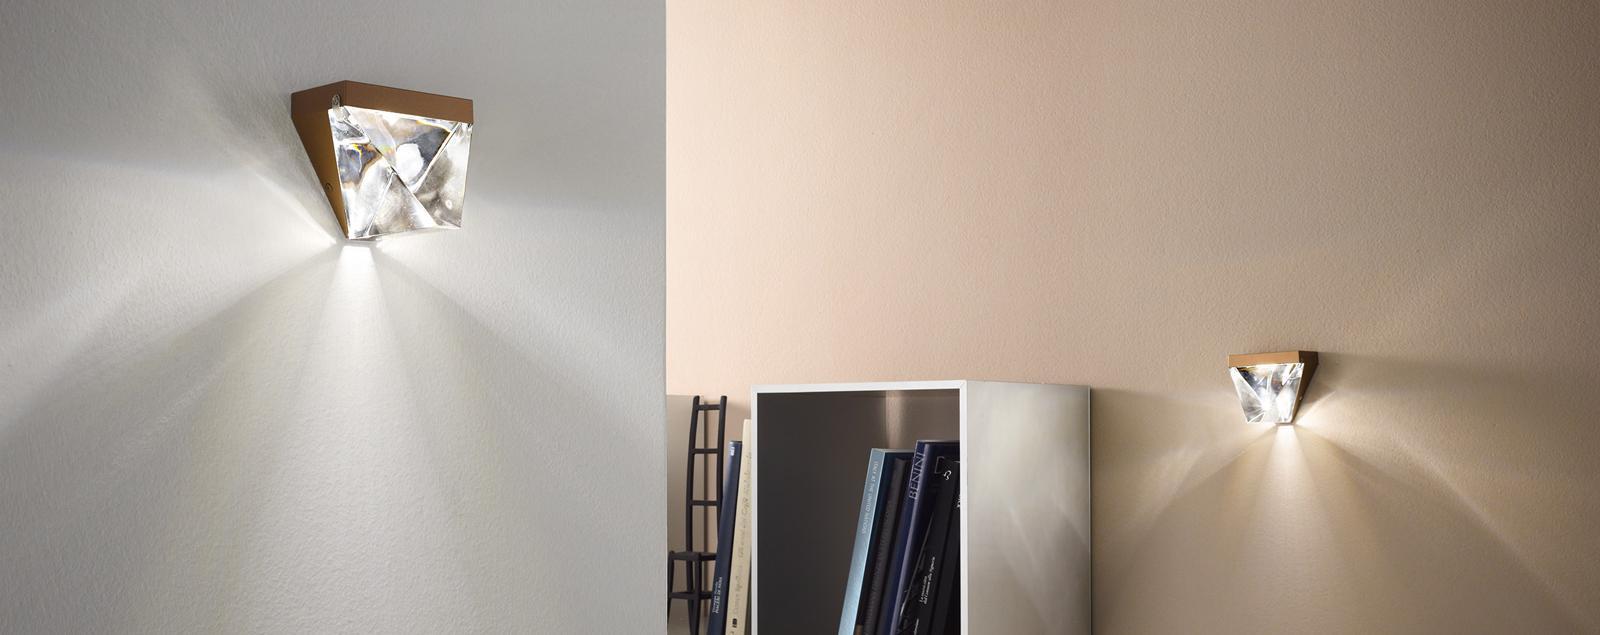 F41 Tripla wall lamp - Fabbian Illuminazione